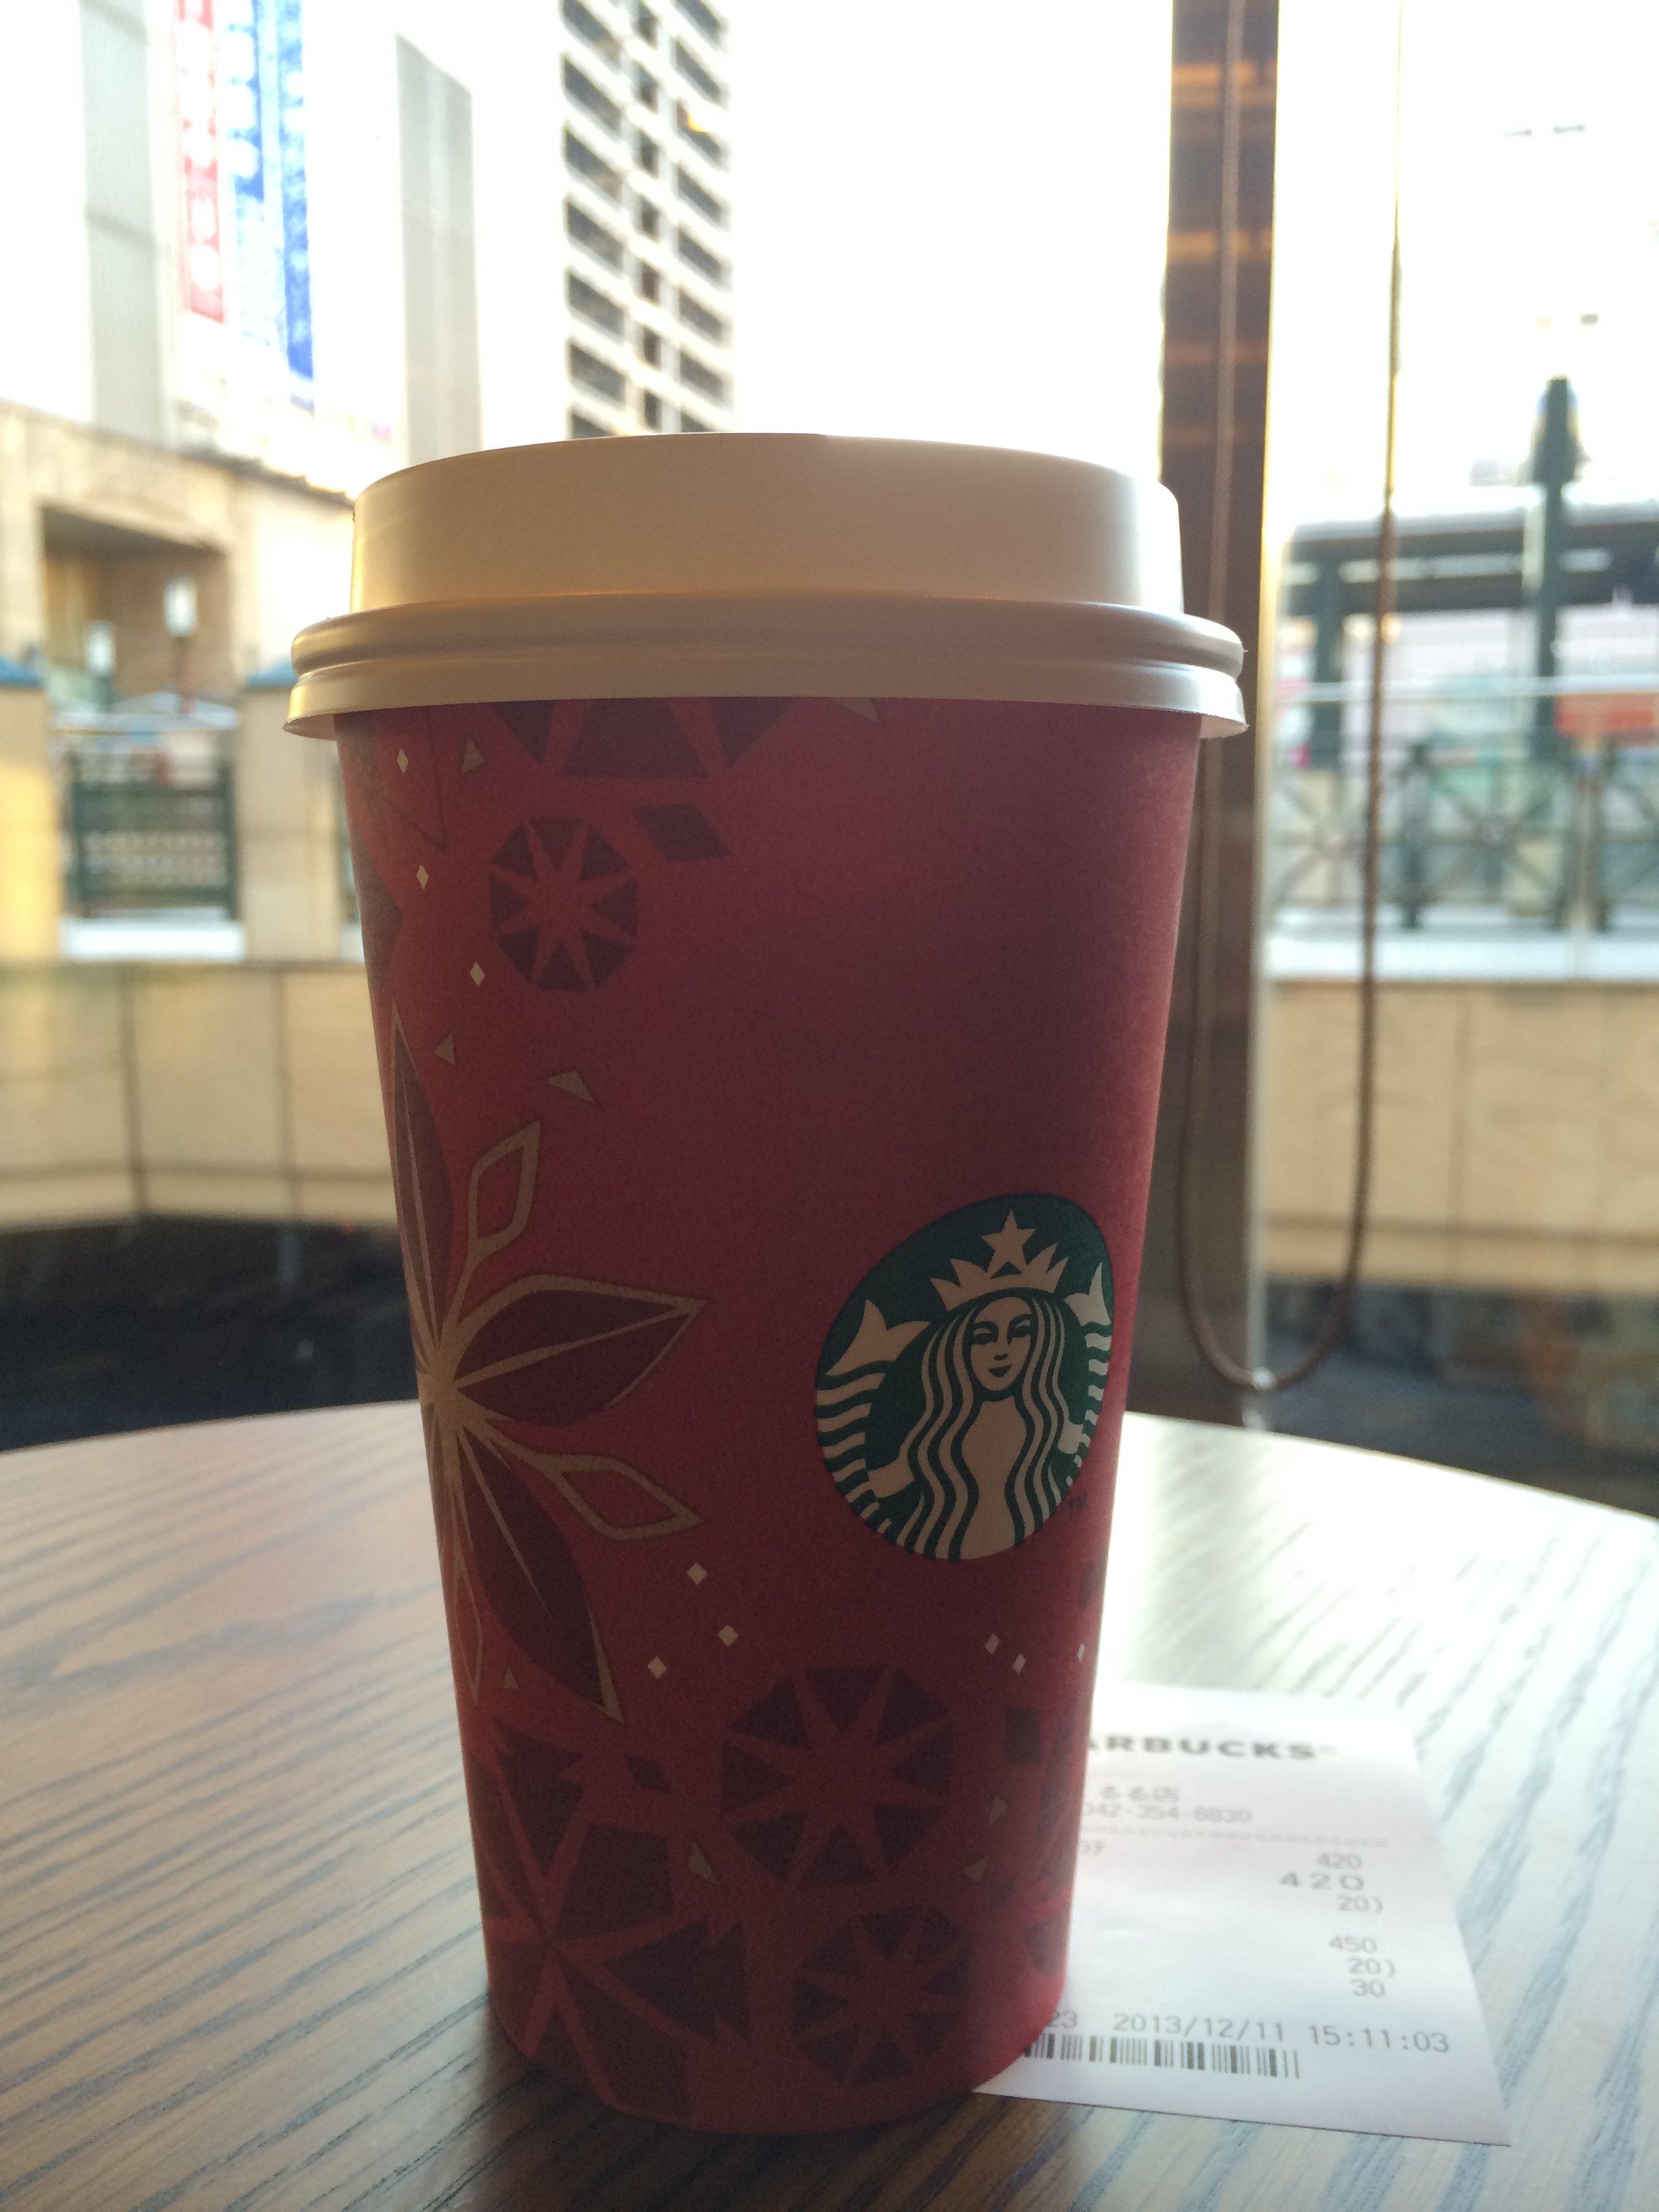 Enjoying Starbucks